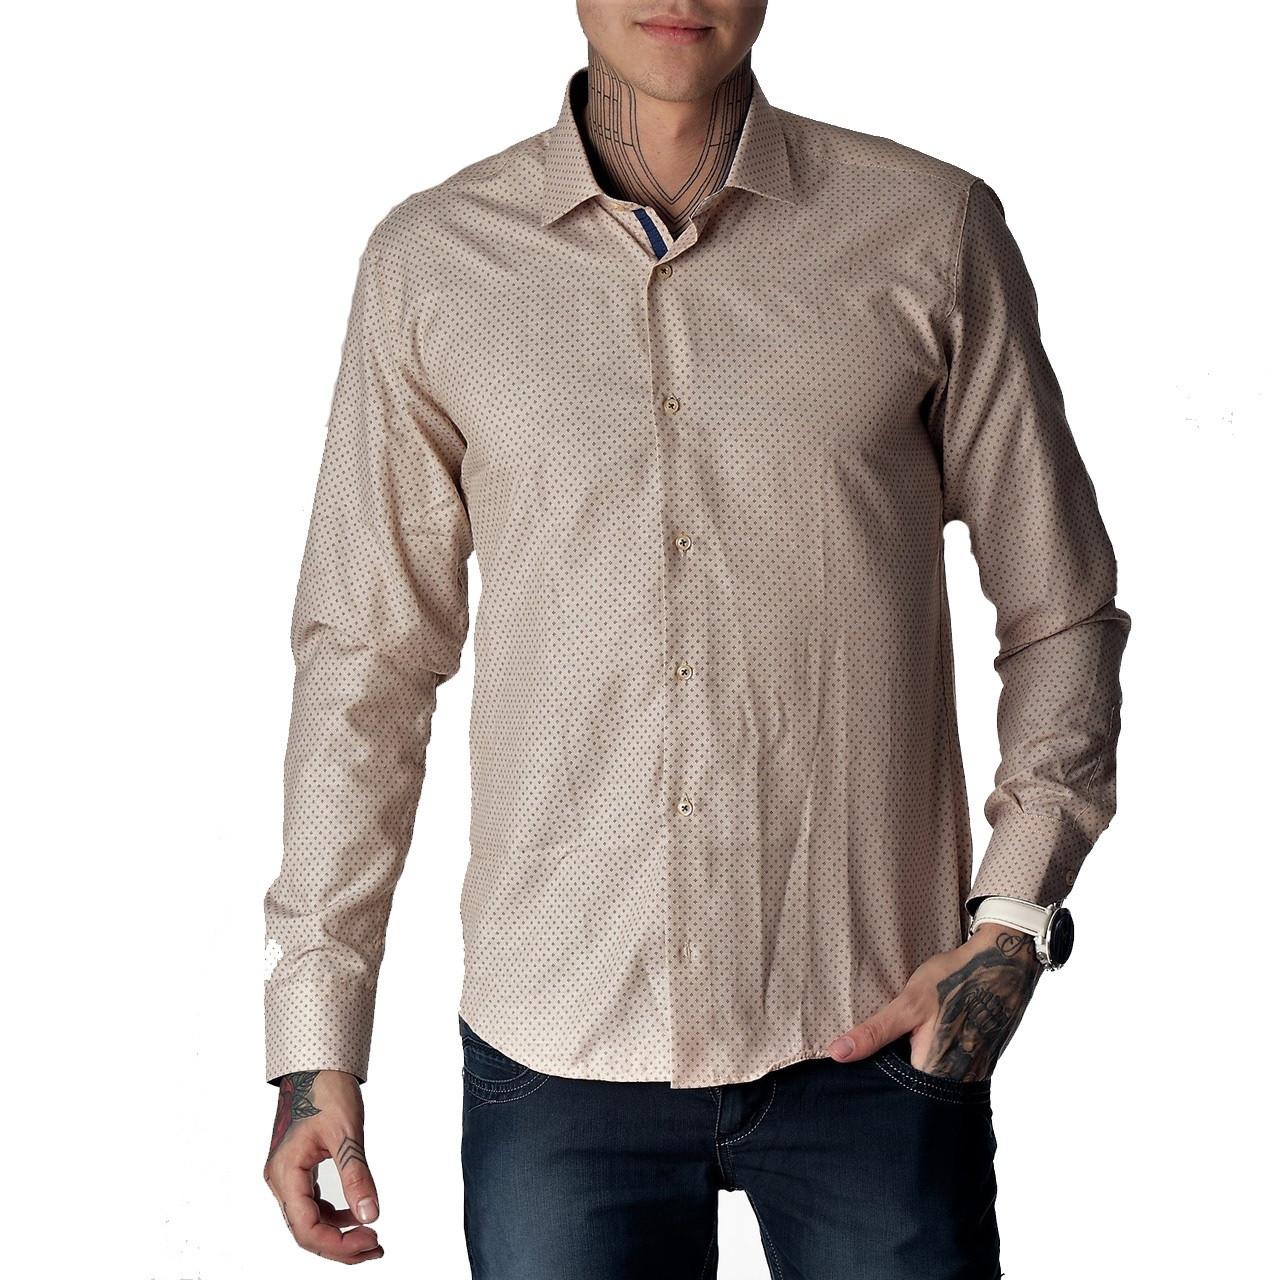 18120c7531b Купить мужскую рубашку весна-осень G1271006 в Киеве - купить мужскую ...